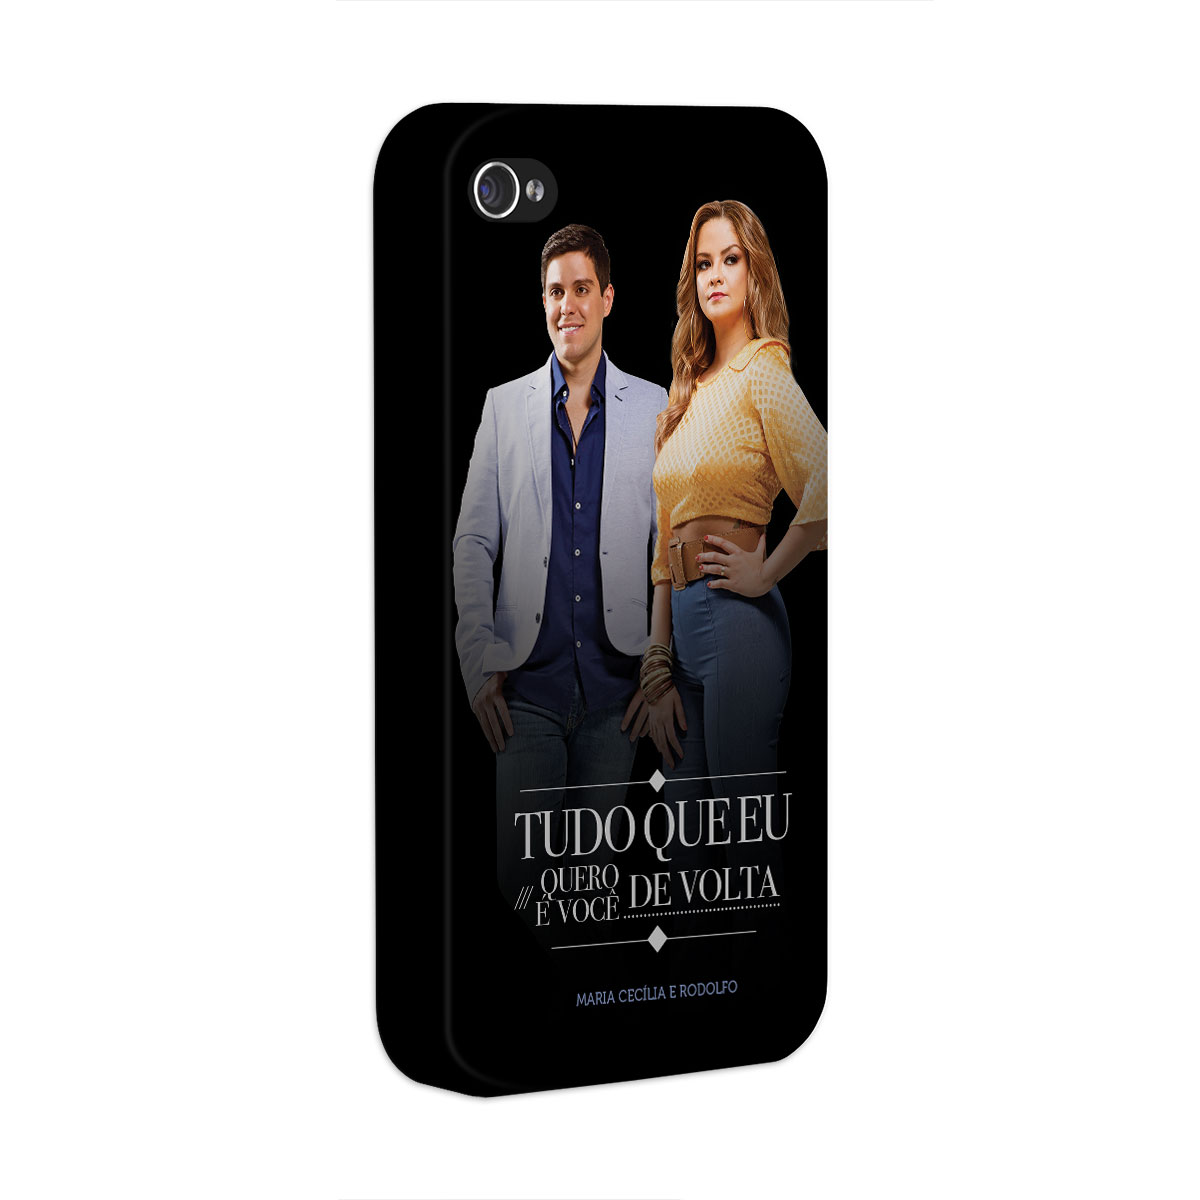 Capa para iPhone 4/4S Maria Cecília & Rodolfo Tudo Que Eu Quero